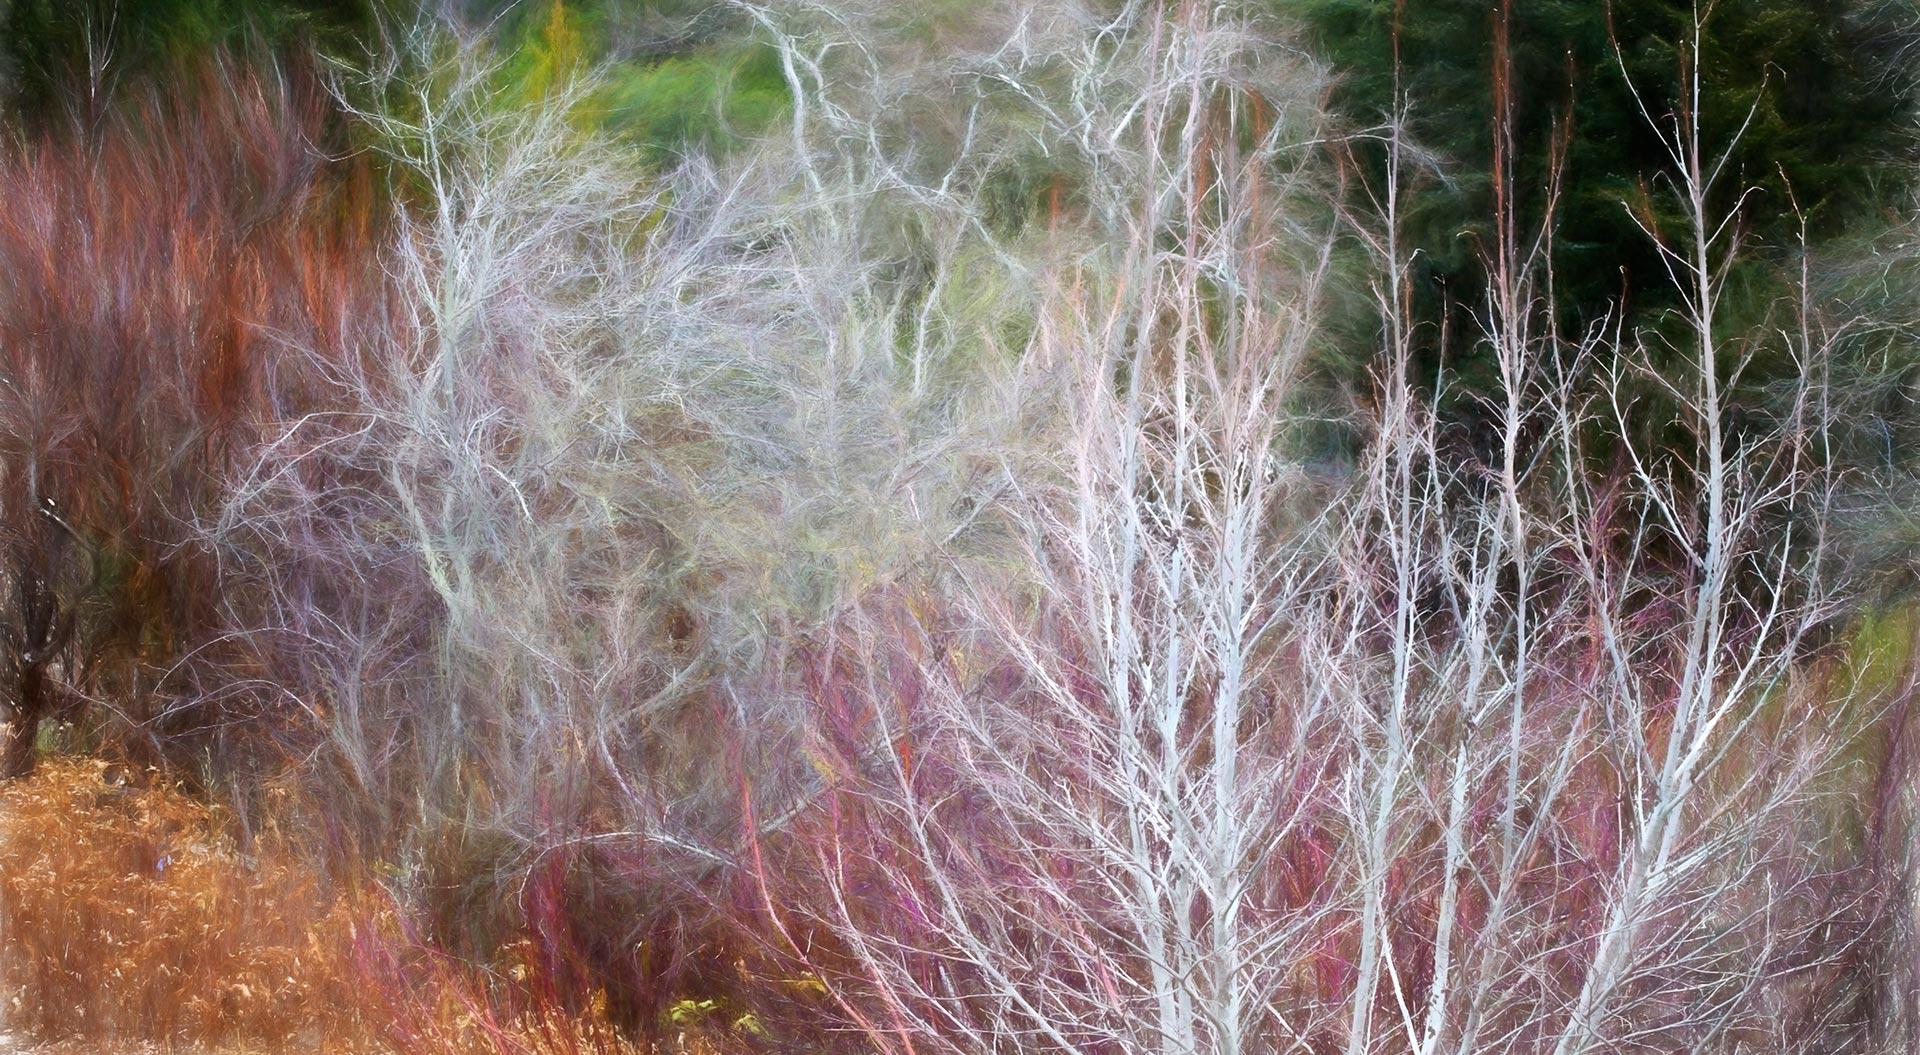 Alnus tenuifolia - Mountain Alder; California native deciduous small tree, bare branches in winter in shrub border with Cornus